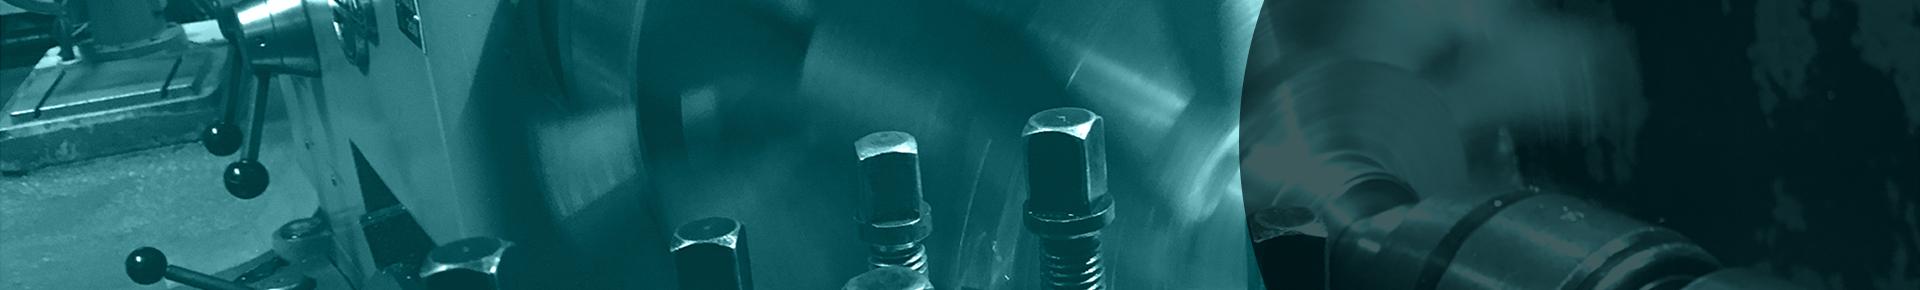 SPM 65/12 - 340 INV